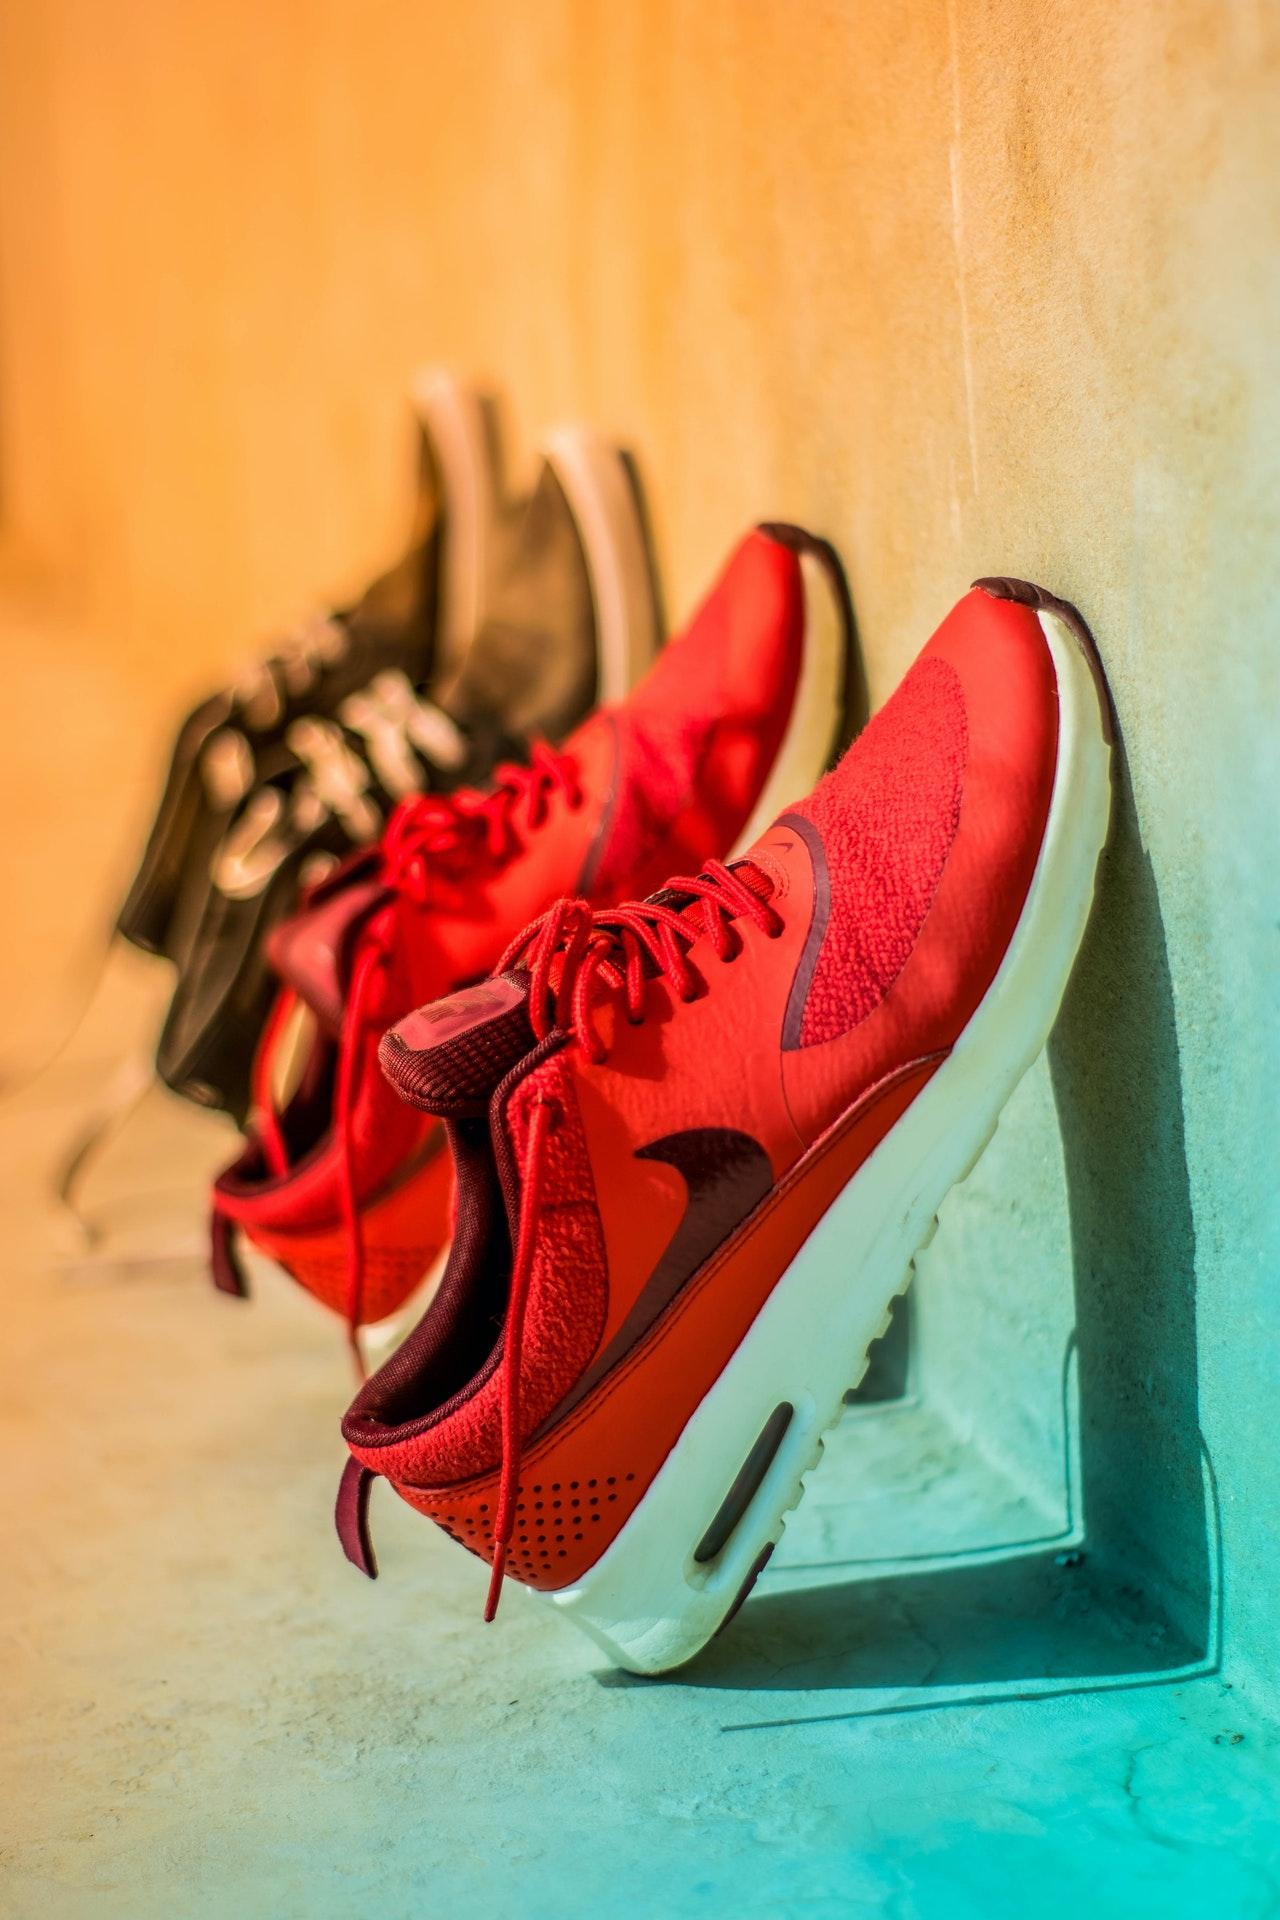 Schuhspanner gibt es für alle möglichen Schuhsorten. Größtenteils sind sie sogar universell einsetzbar.